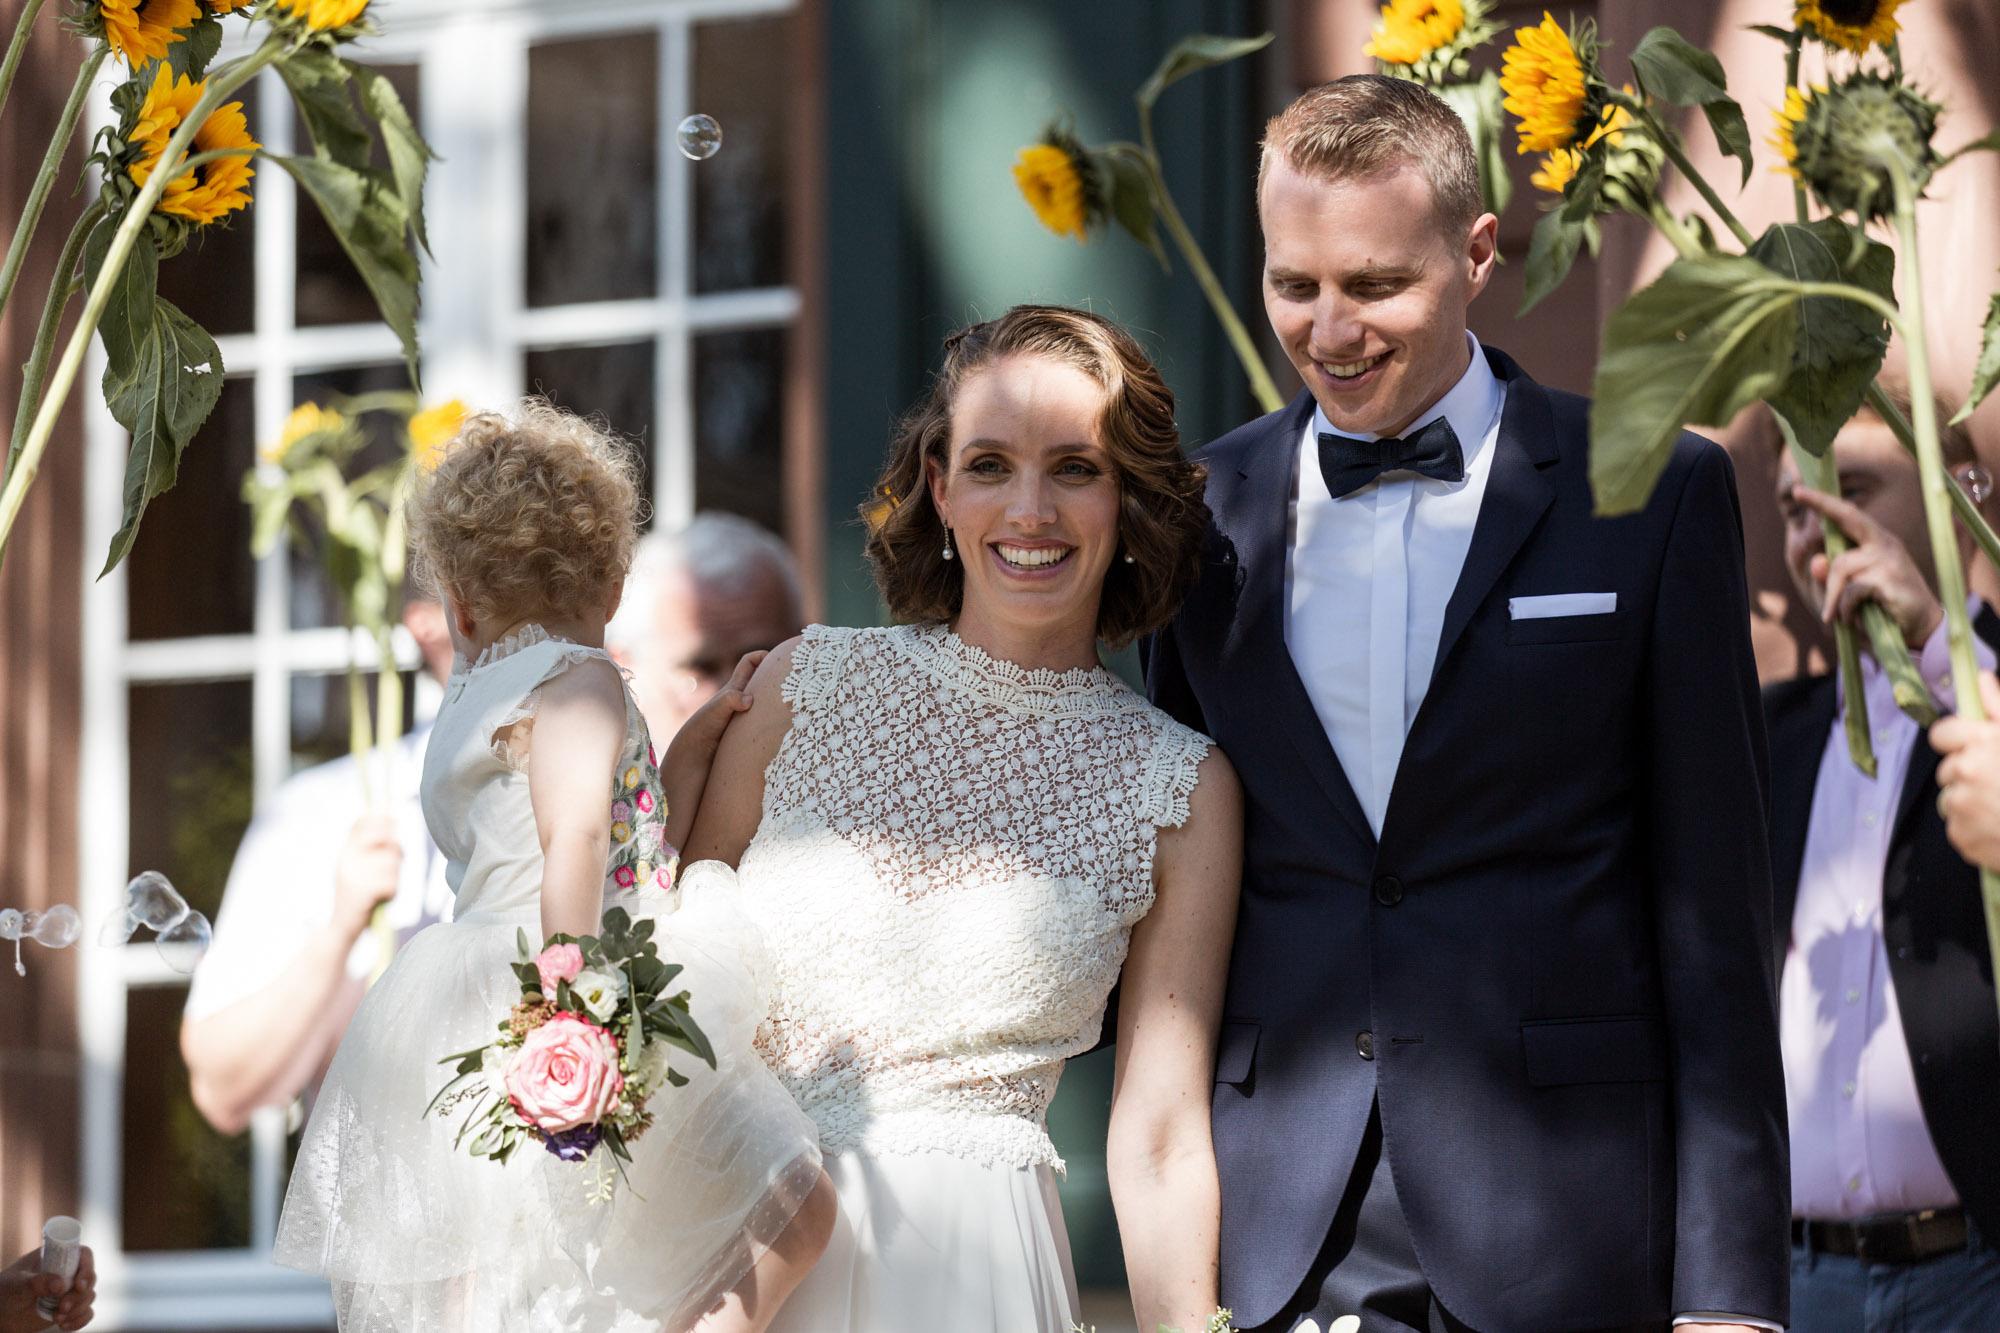 Eva und Chris - Zivile Hochzeit in Basel - Hochzeitsfest in Riehen